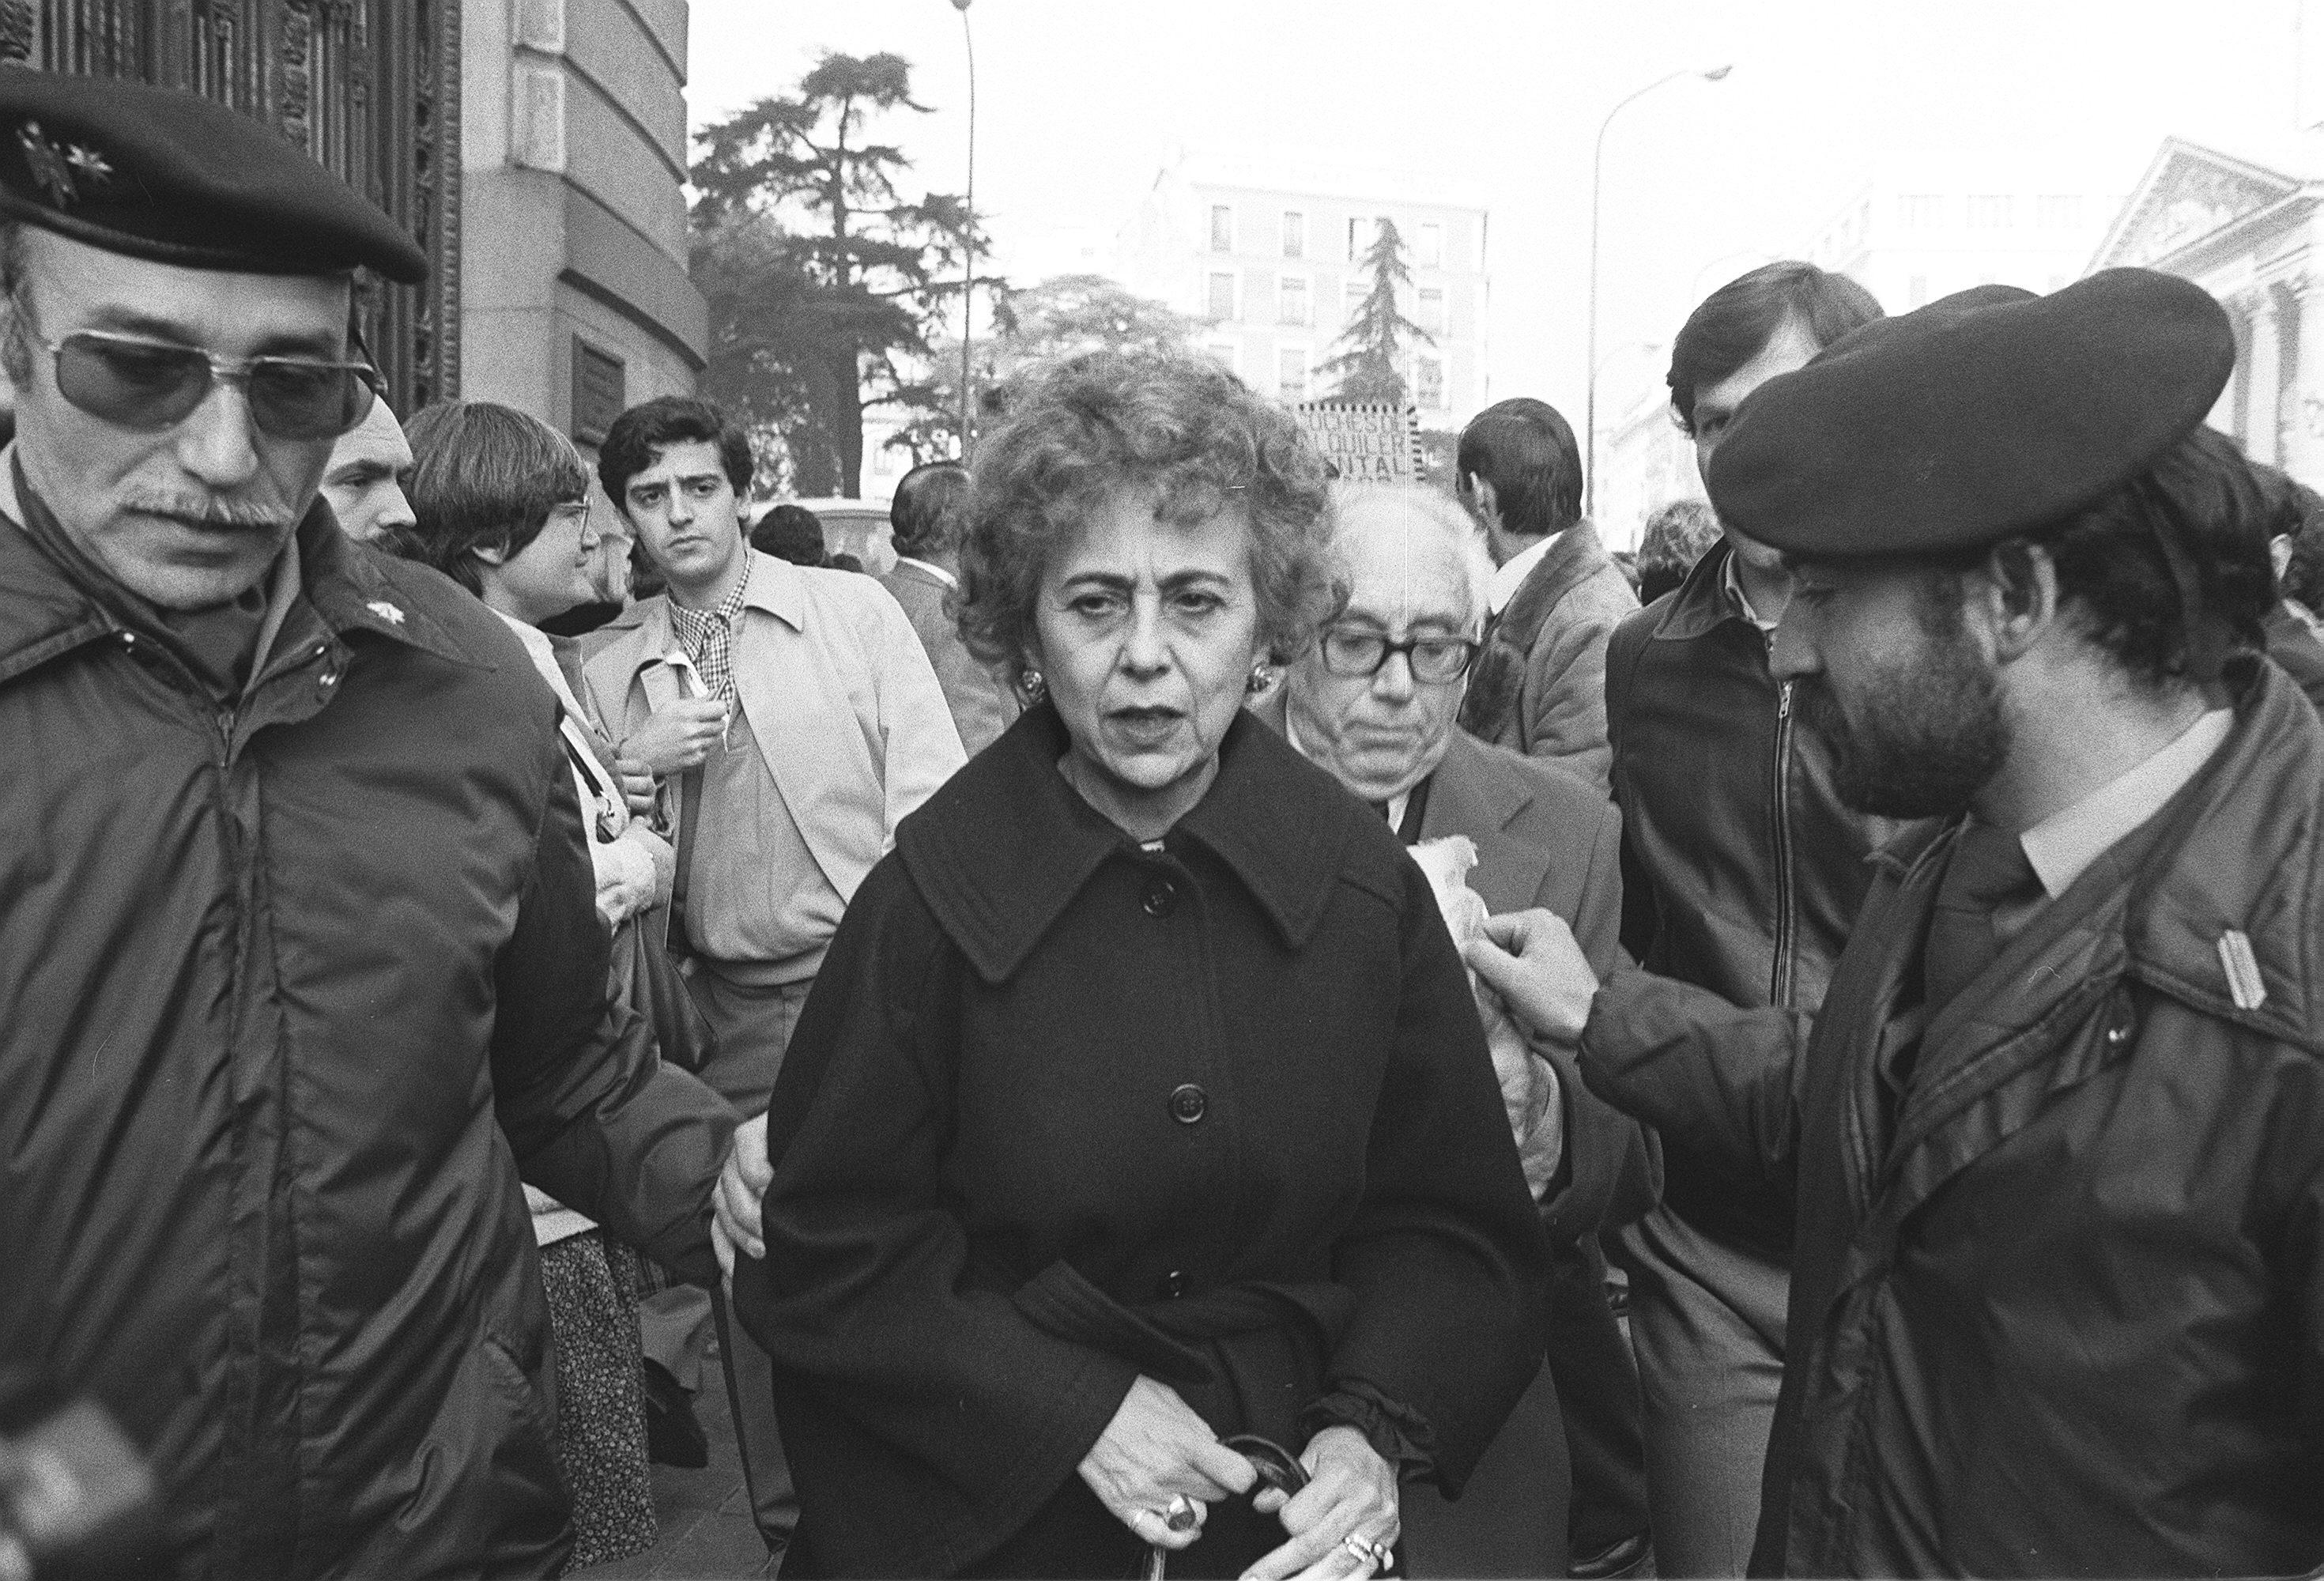 23F - Golpe de Estado (María Victoria, diputada de Alianza Popular, tras abandonar el Palacio del Congreso) - Agencia EFE